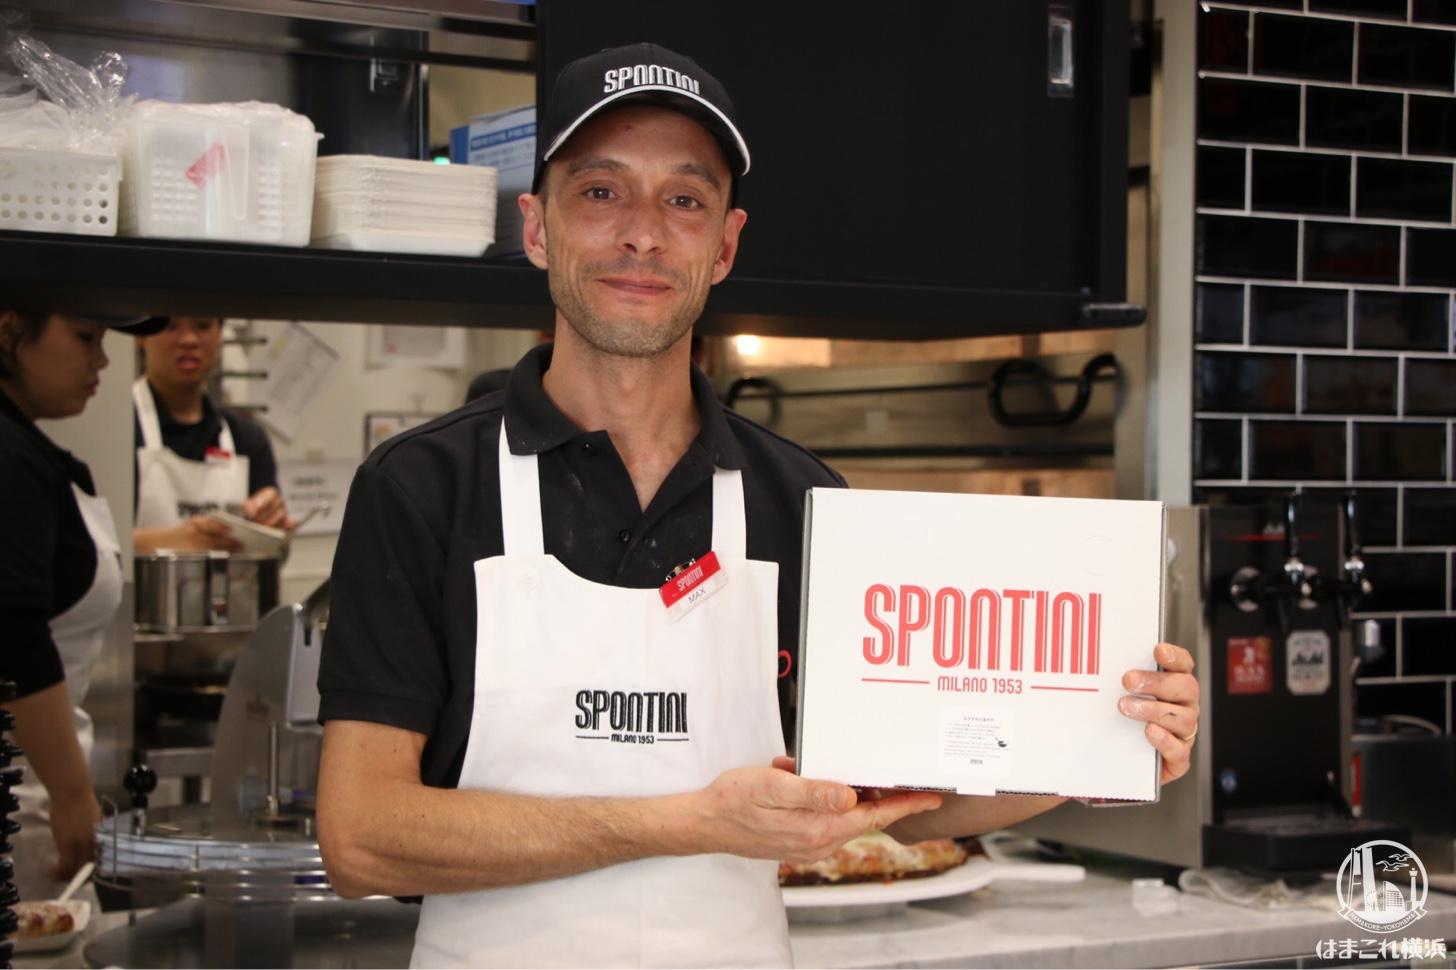 スポンティーニ